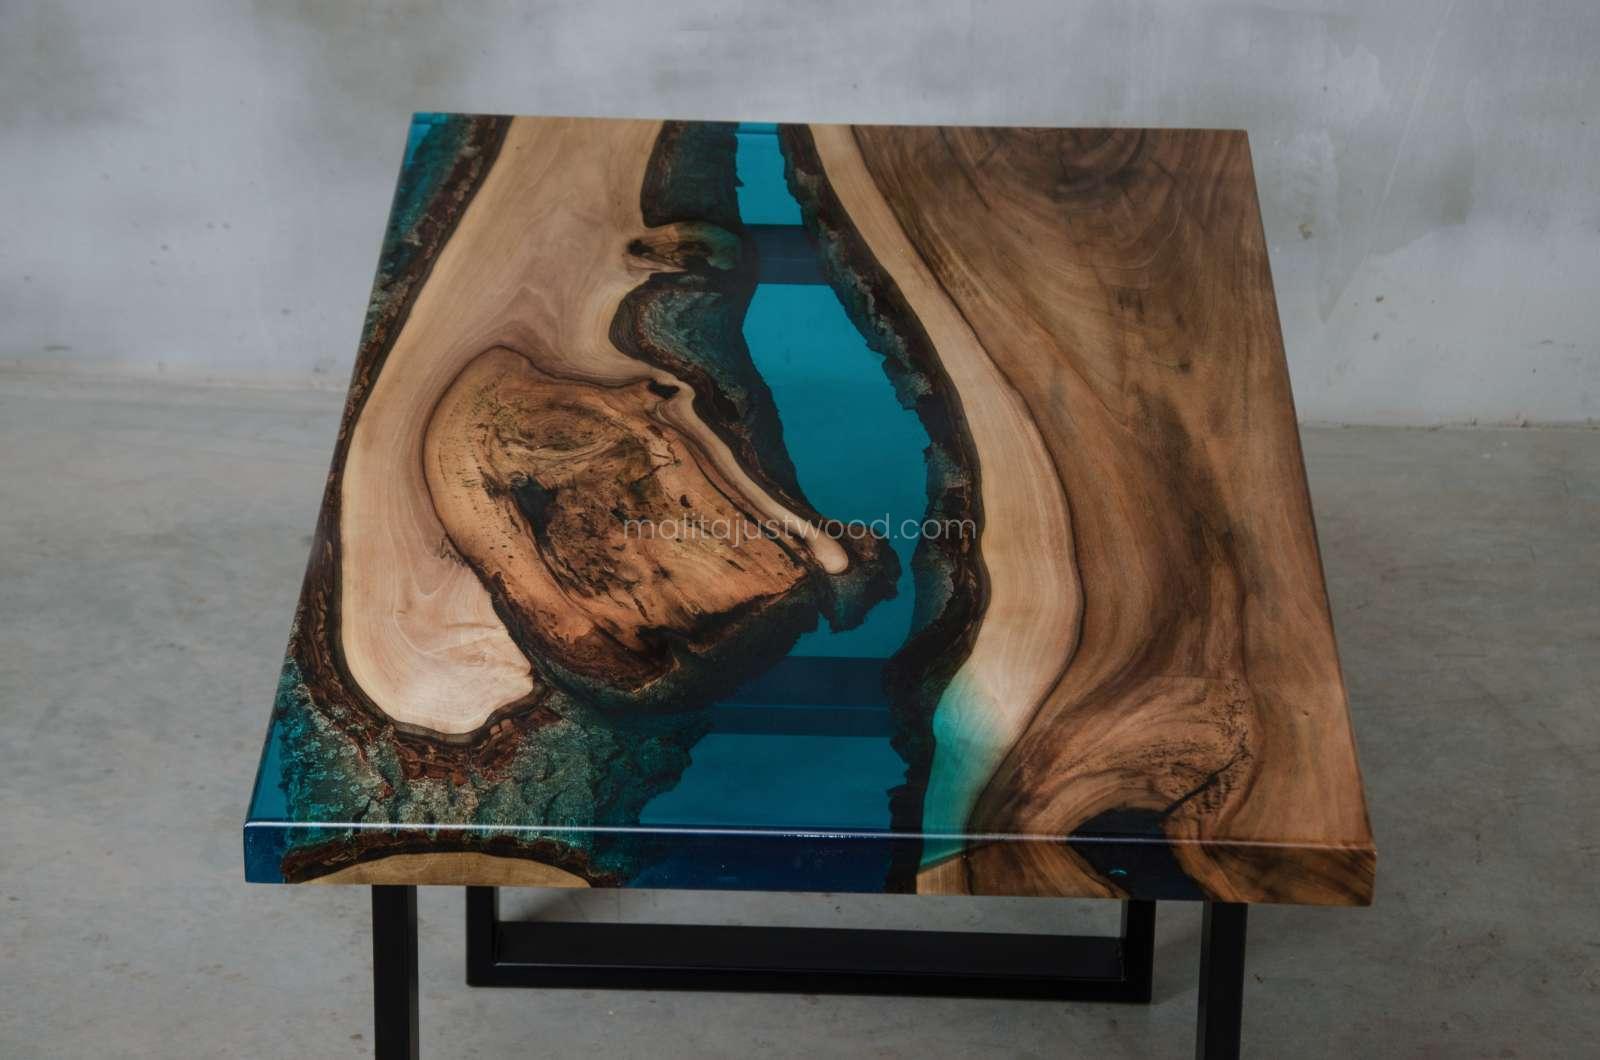 Mare Couchtisch aus Holz und Epoxidharz